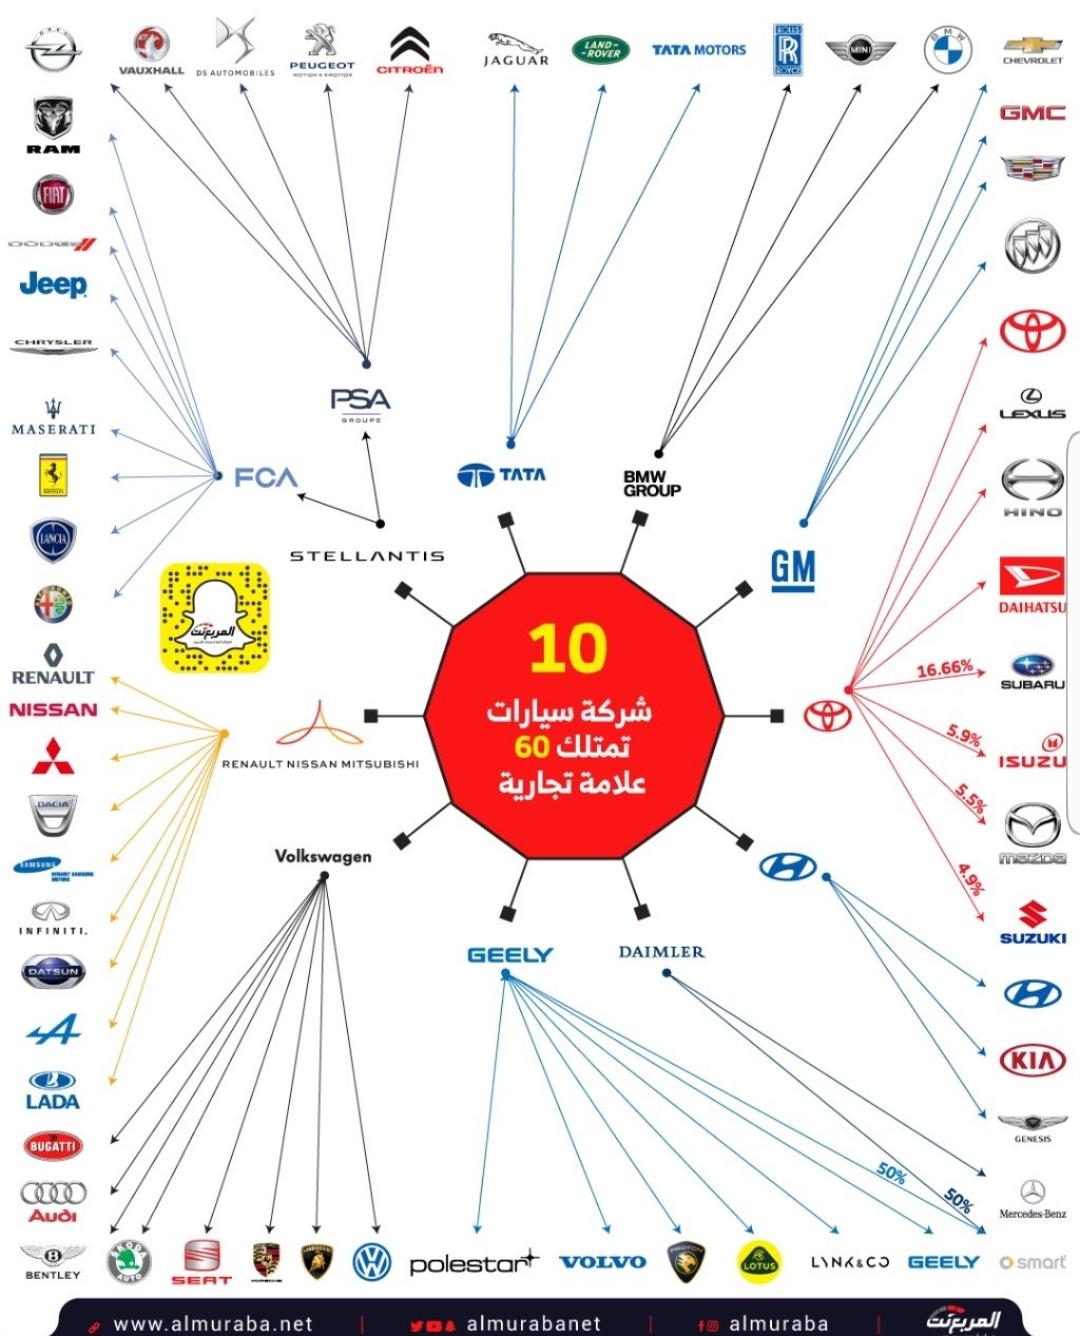 10 شركات  حول العالم تهيمن  عل صناعة السيارات في العالم